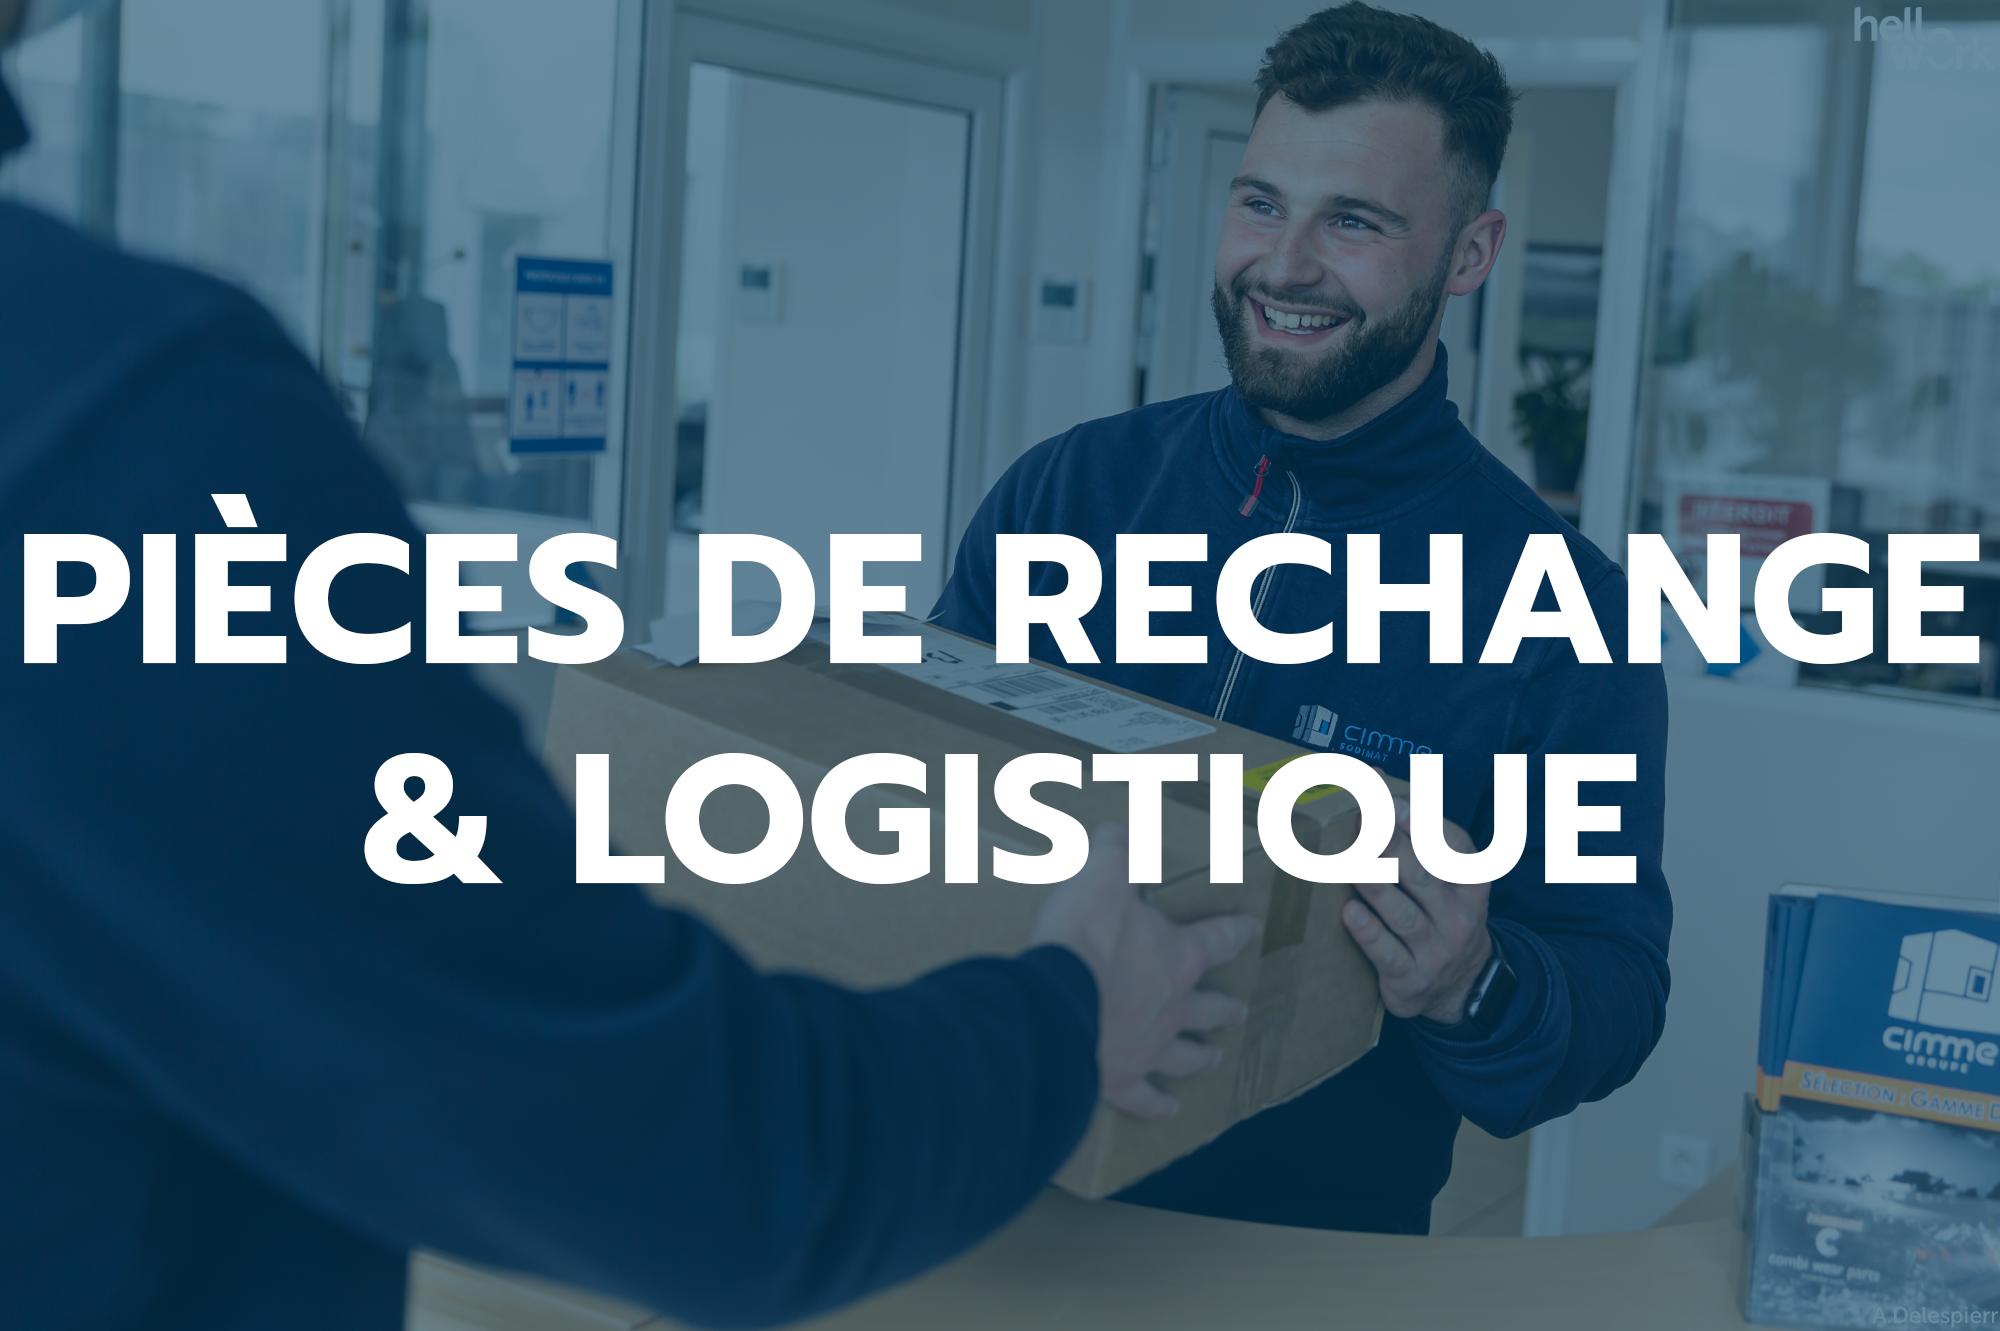 Pièces de rechange & logistique